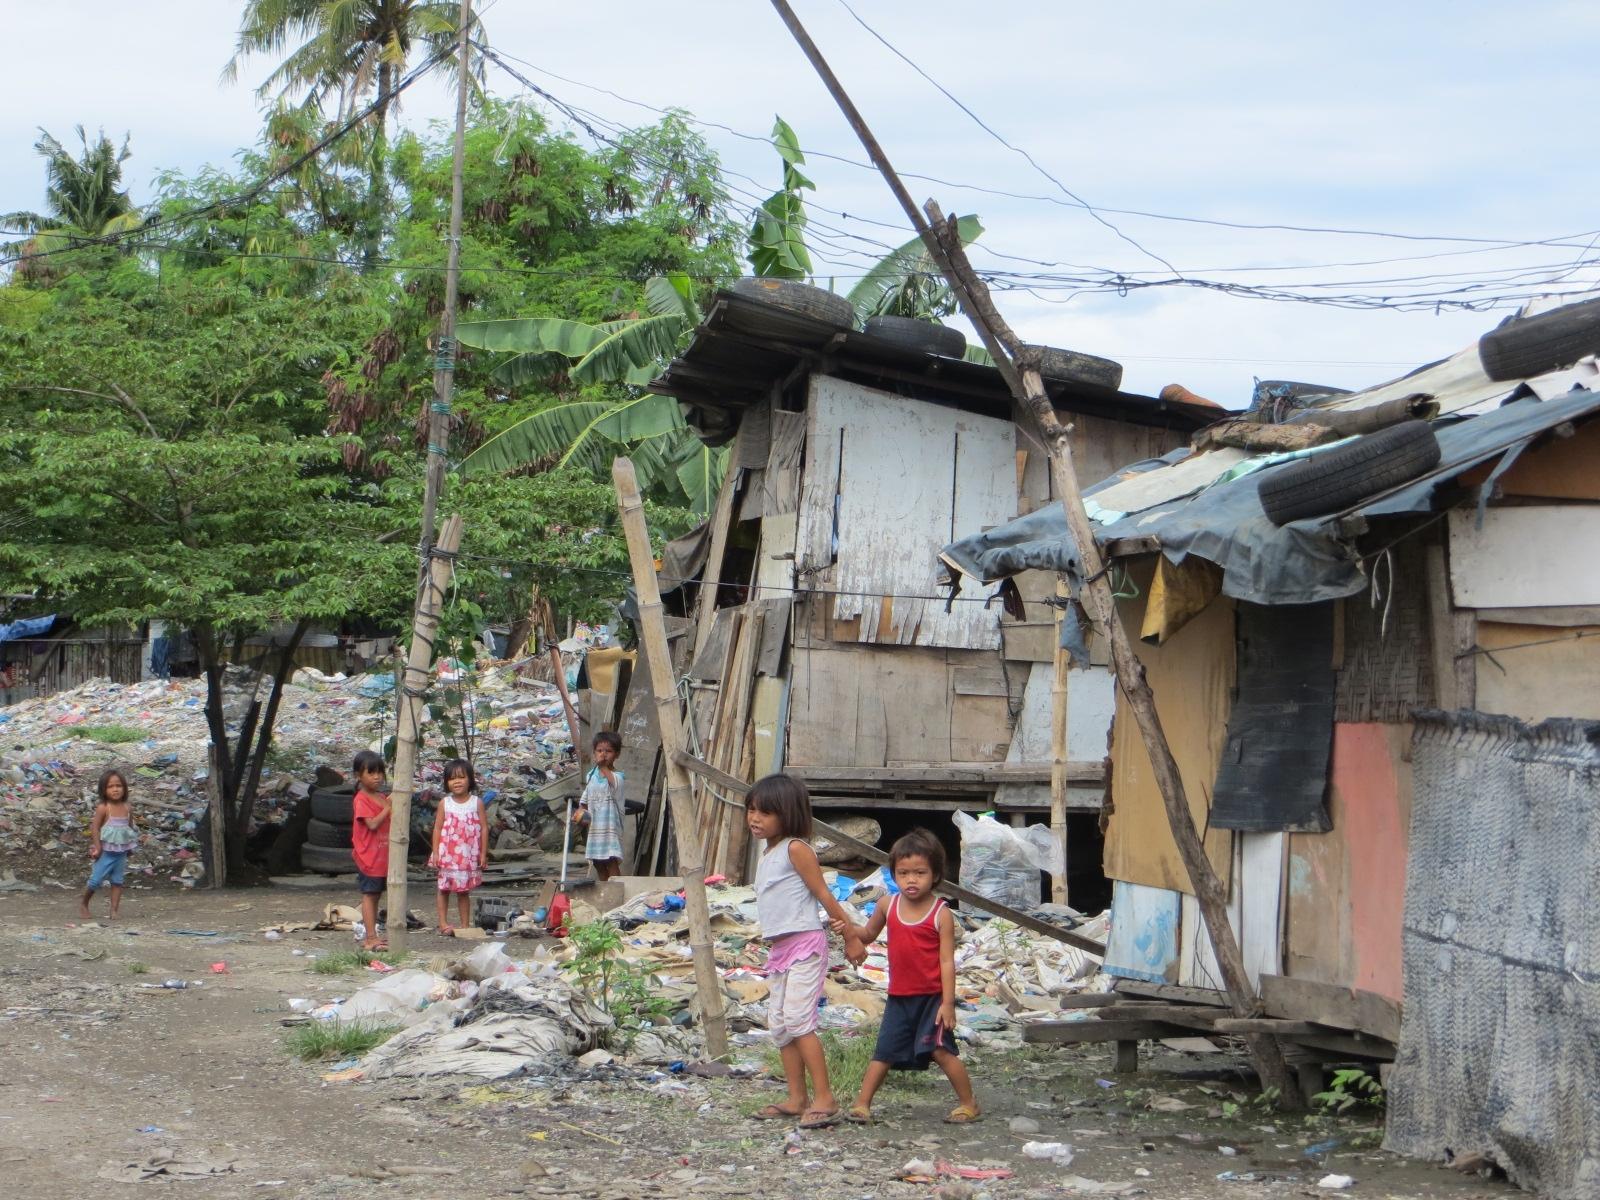 Leben auf der Dumpsite von Umapad